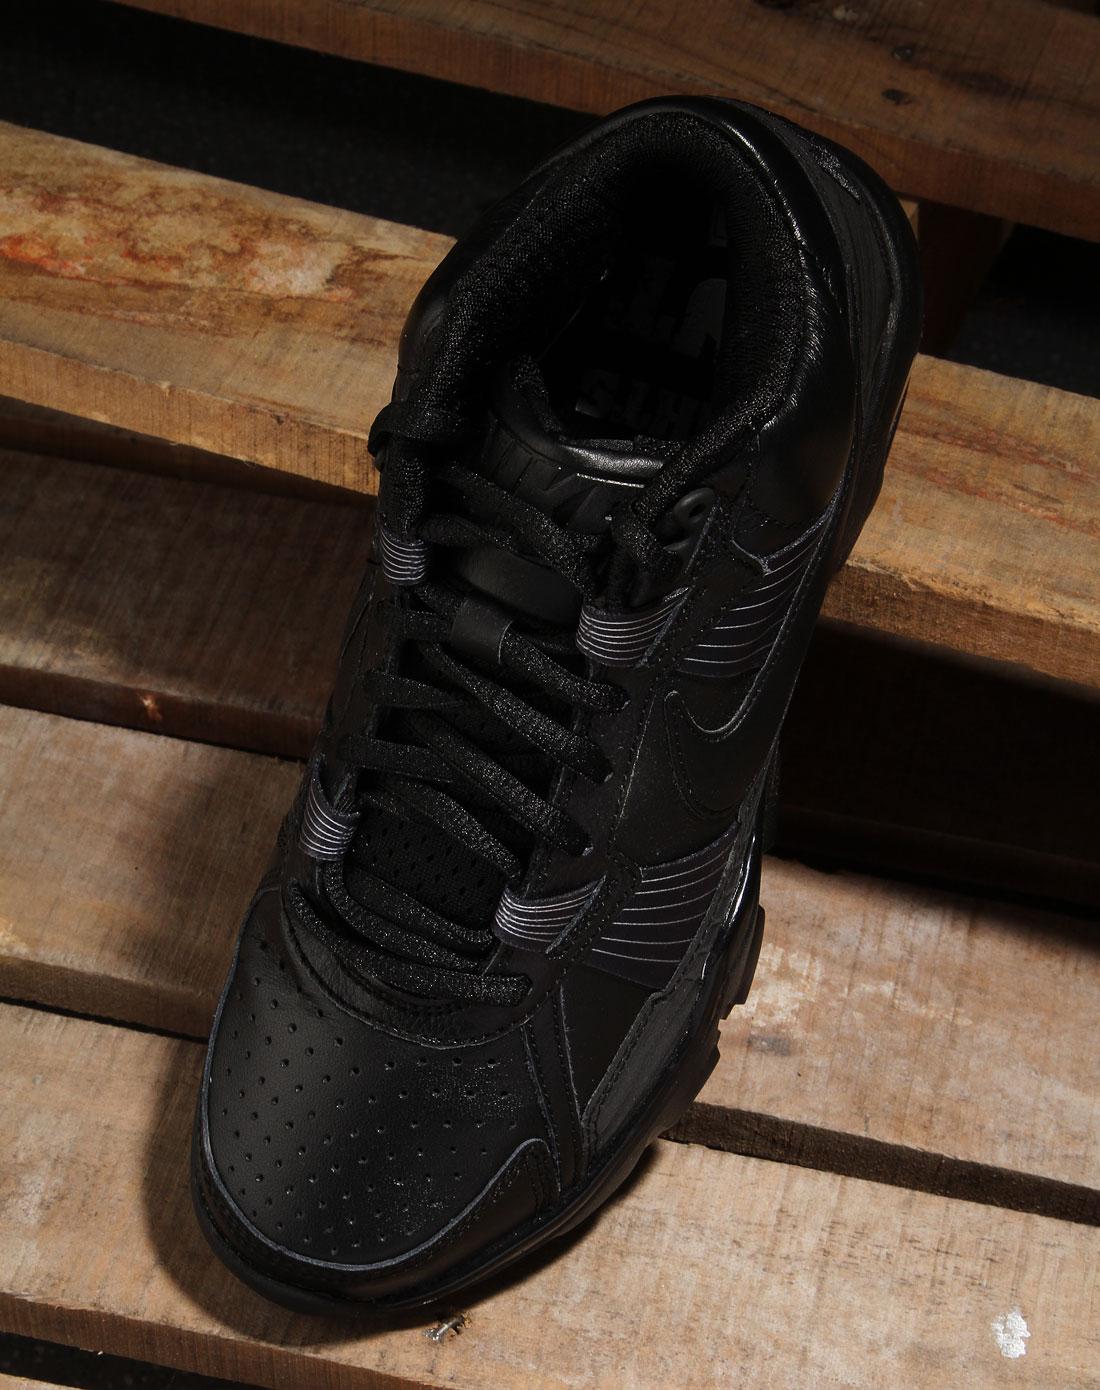 耐克nike男女装男款黑色时尚训练鞋395940-001